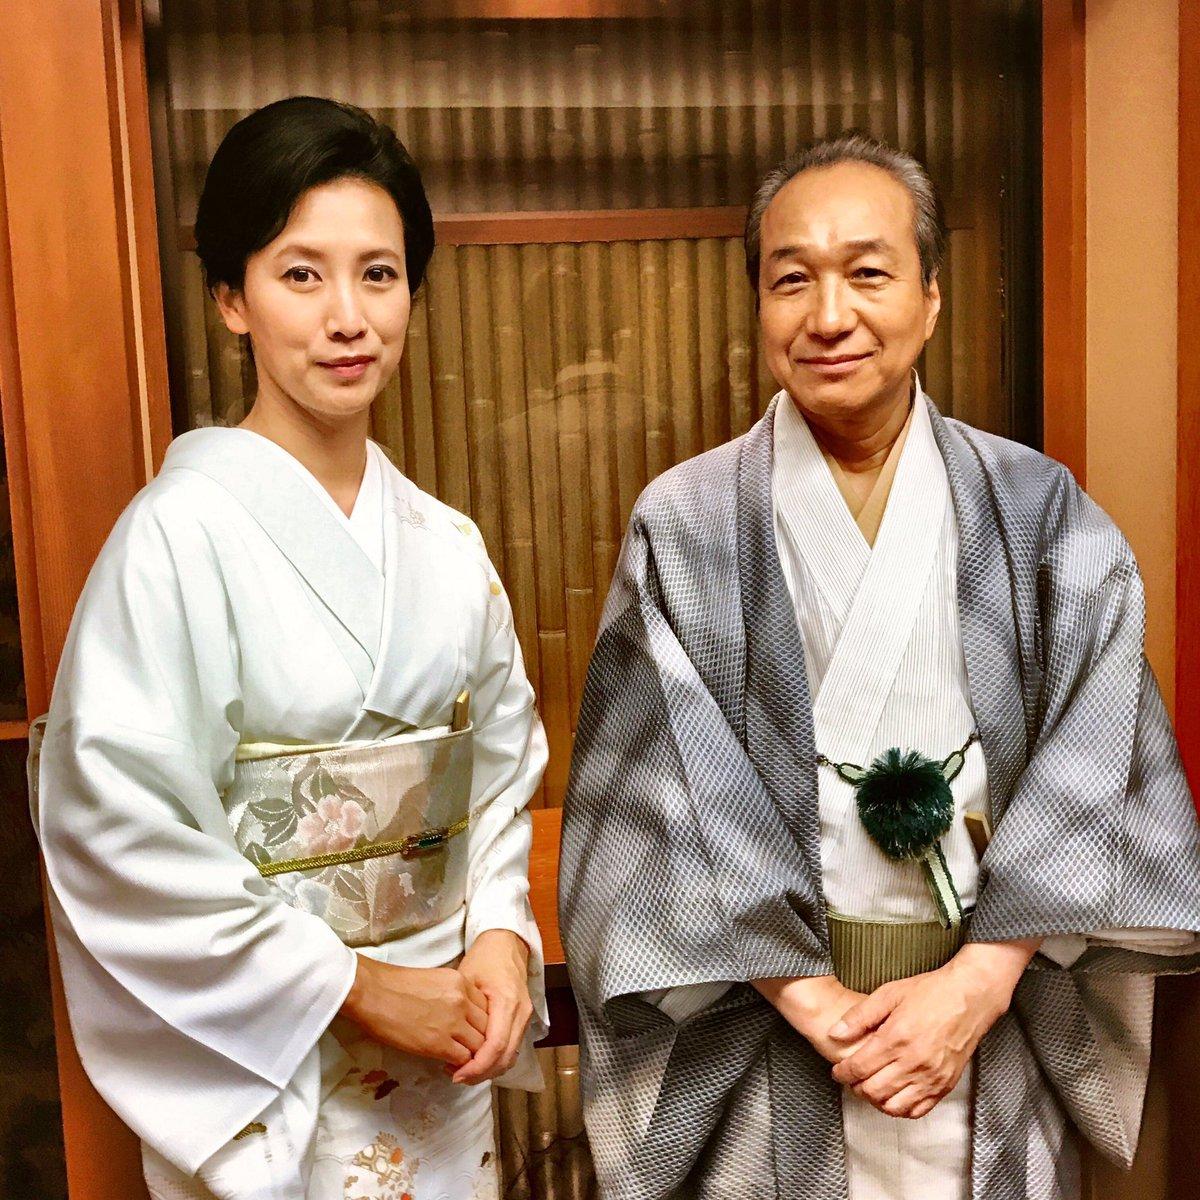 『高嶺の花』の撮影、着々と進んでおります。 華道の名門「月島流」の家元・月島市松役の 小日向文世 さんと、その妻・ルリ子役の 戸田菜穂 さん。